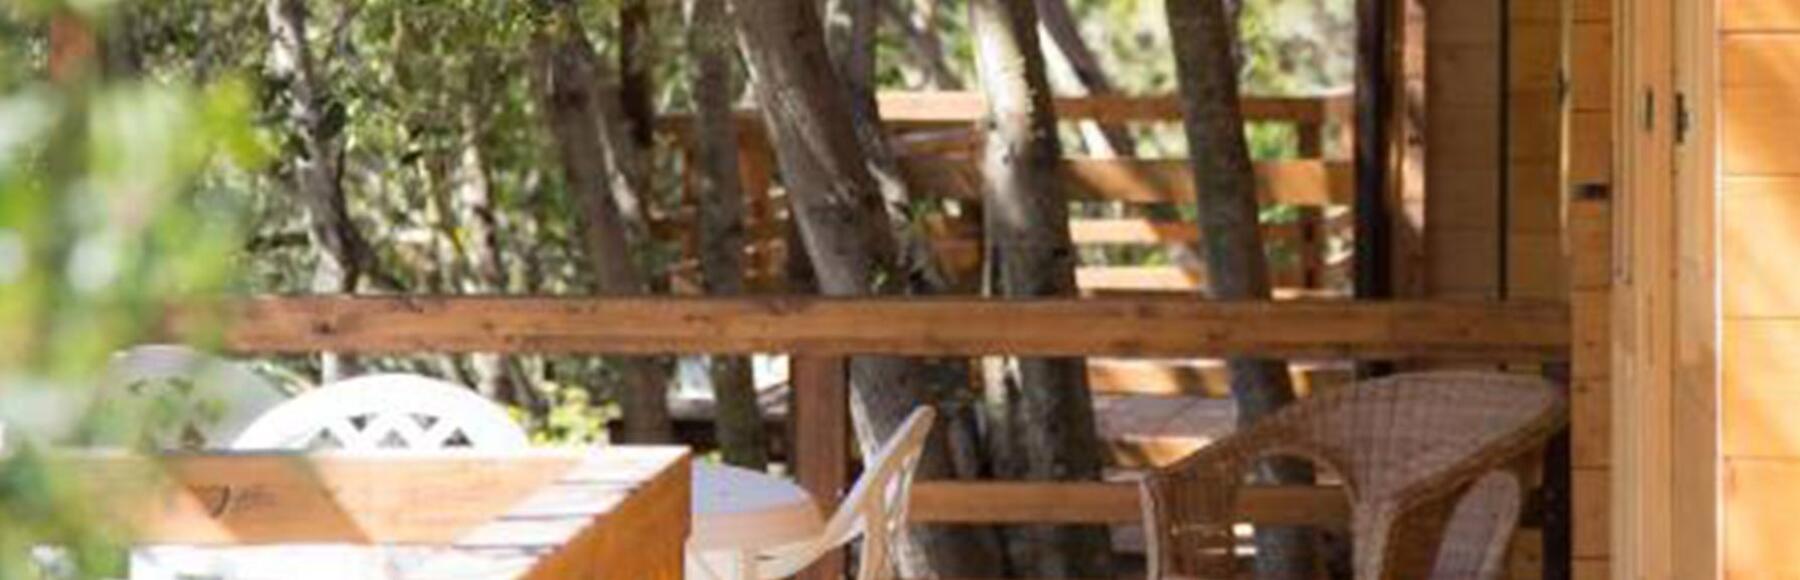 elbadoc-campingvillage it bungalow 005